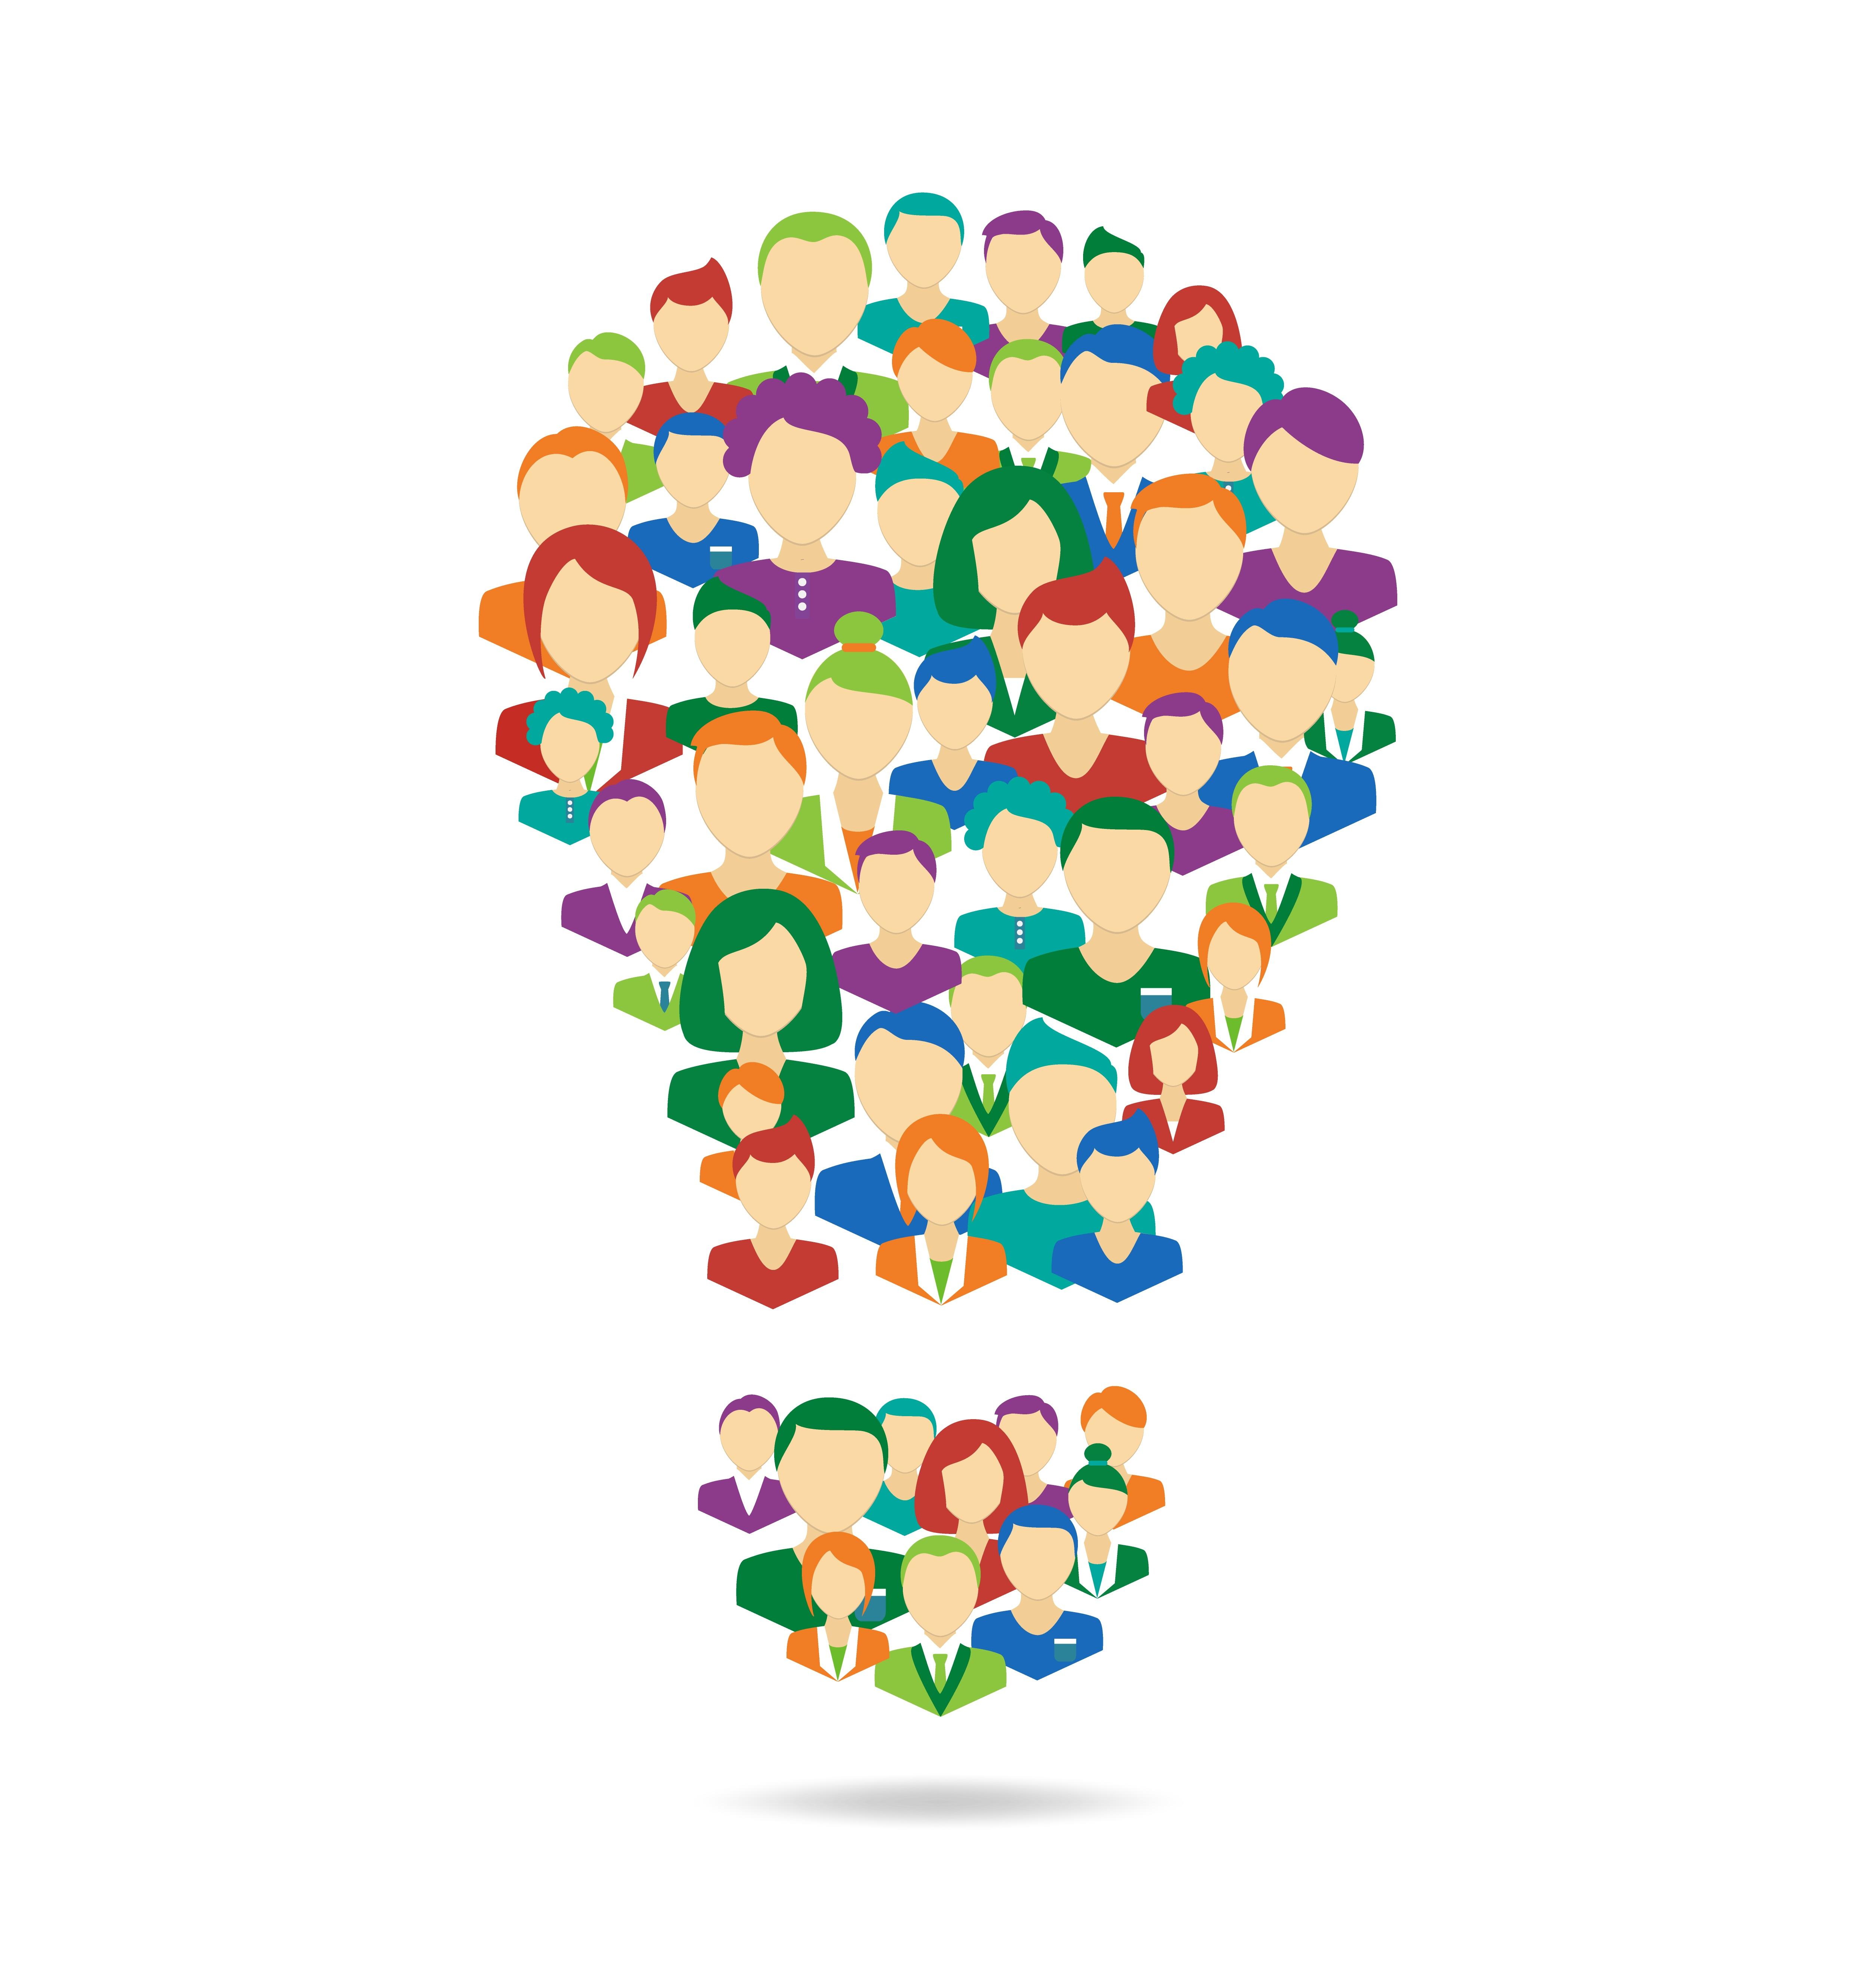 crowdsourcing-ideas.jpg